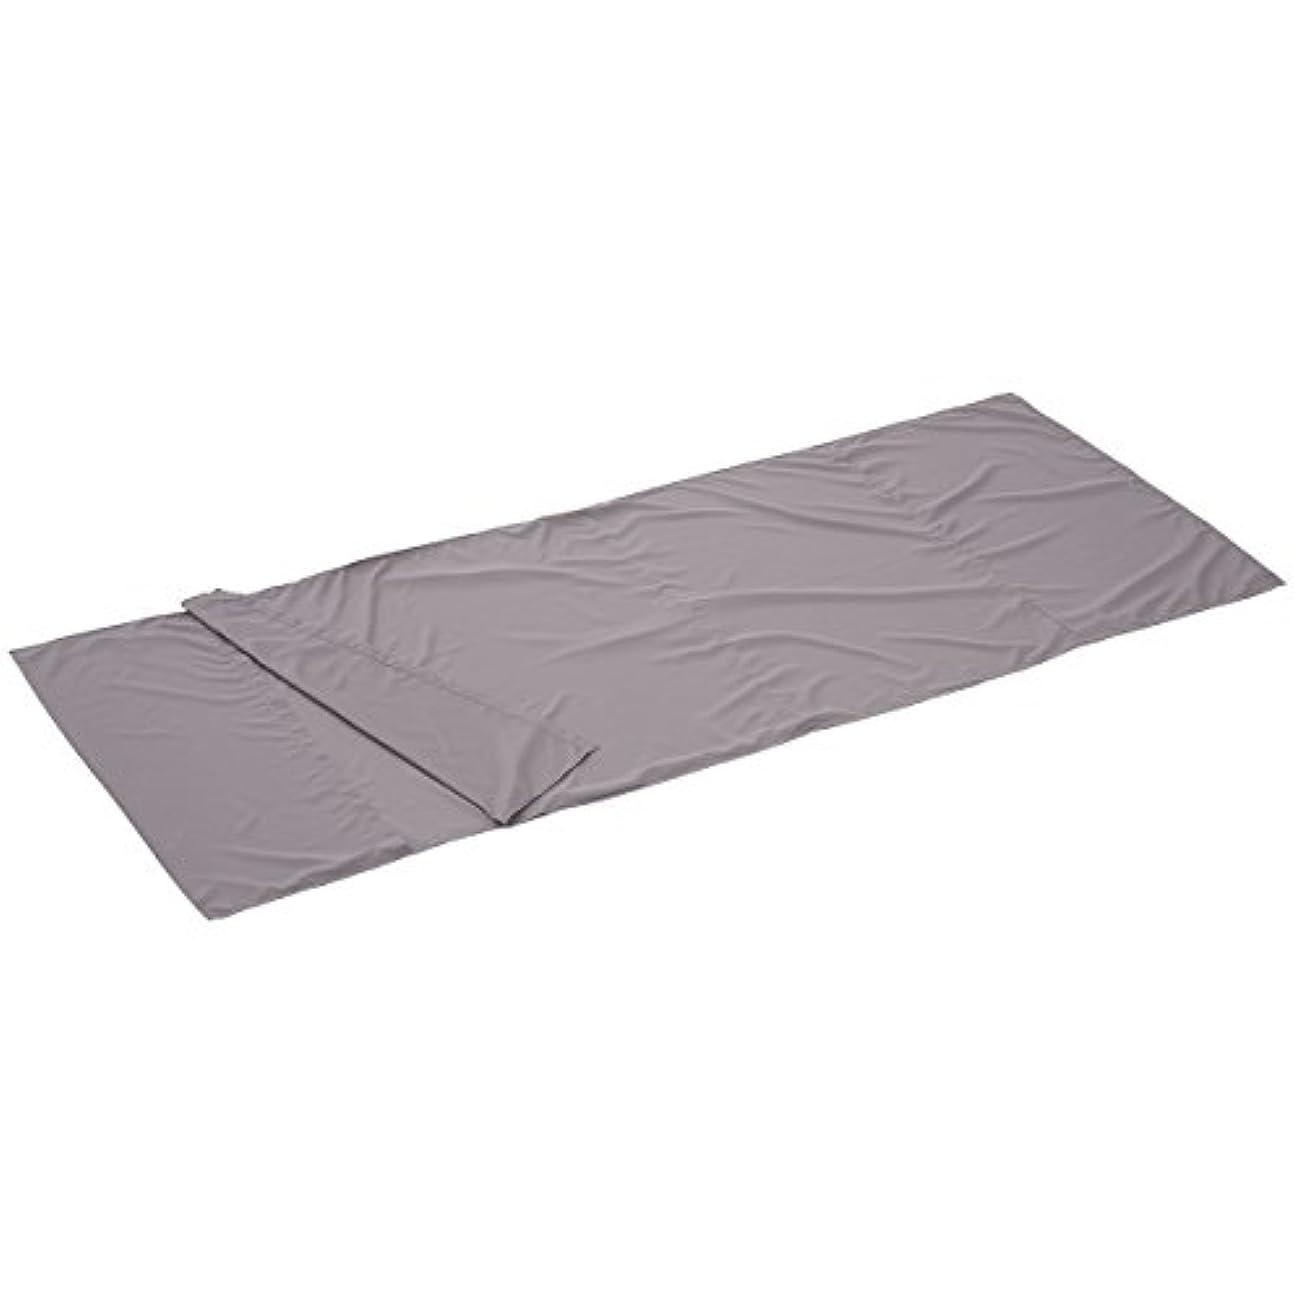 ボイラー無視するランドリーロゴス 寝袋 シルキーインナーシュラフ